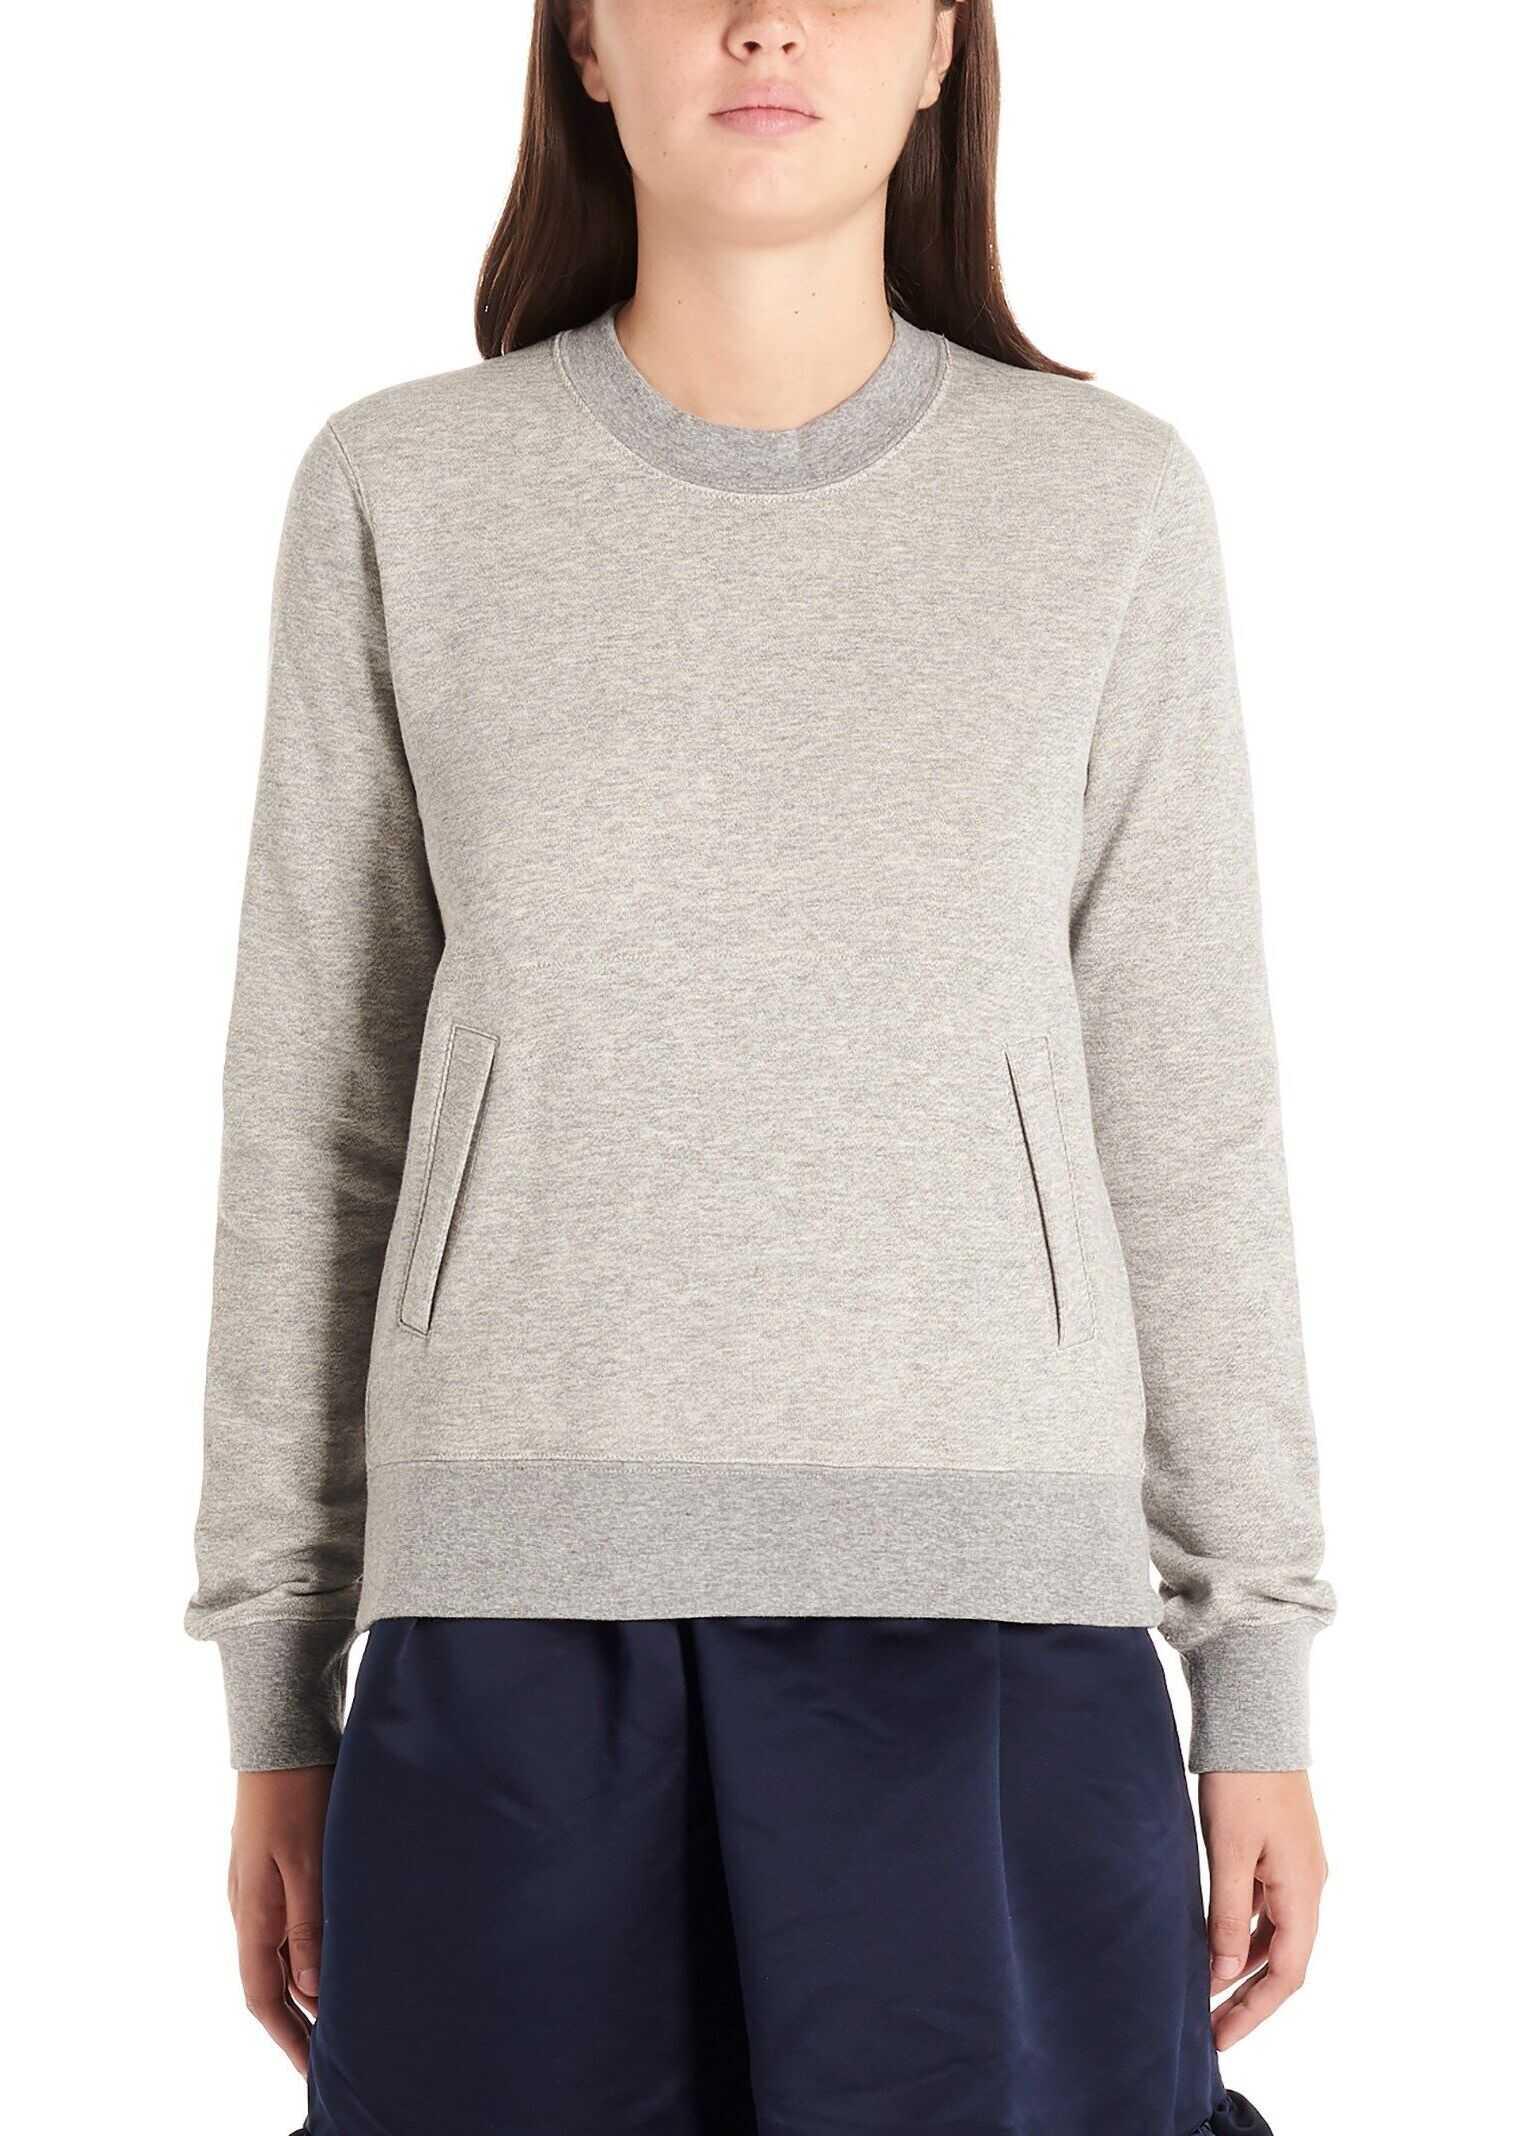 Comme des Garçons Cotton Sweatshirt GREY